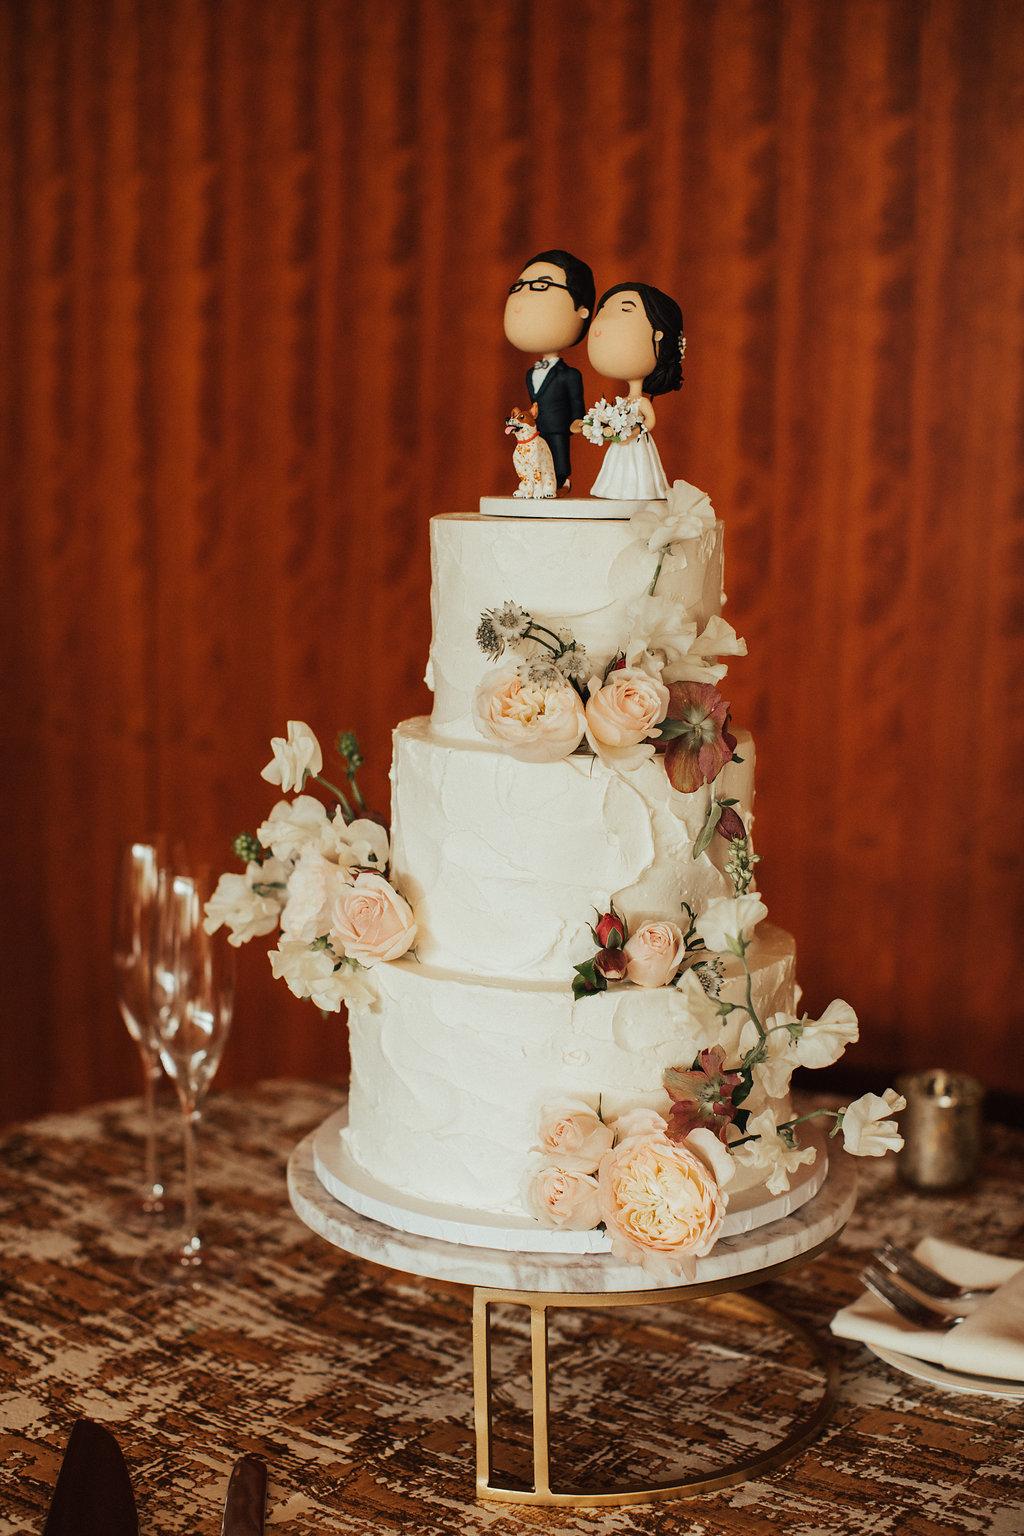 Buttercream cake with custom cake topper